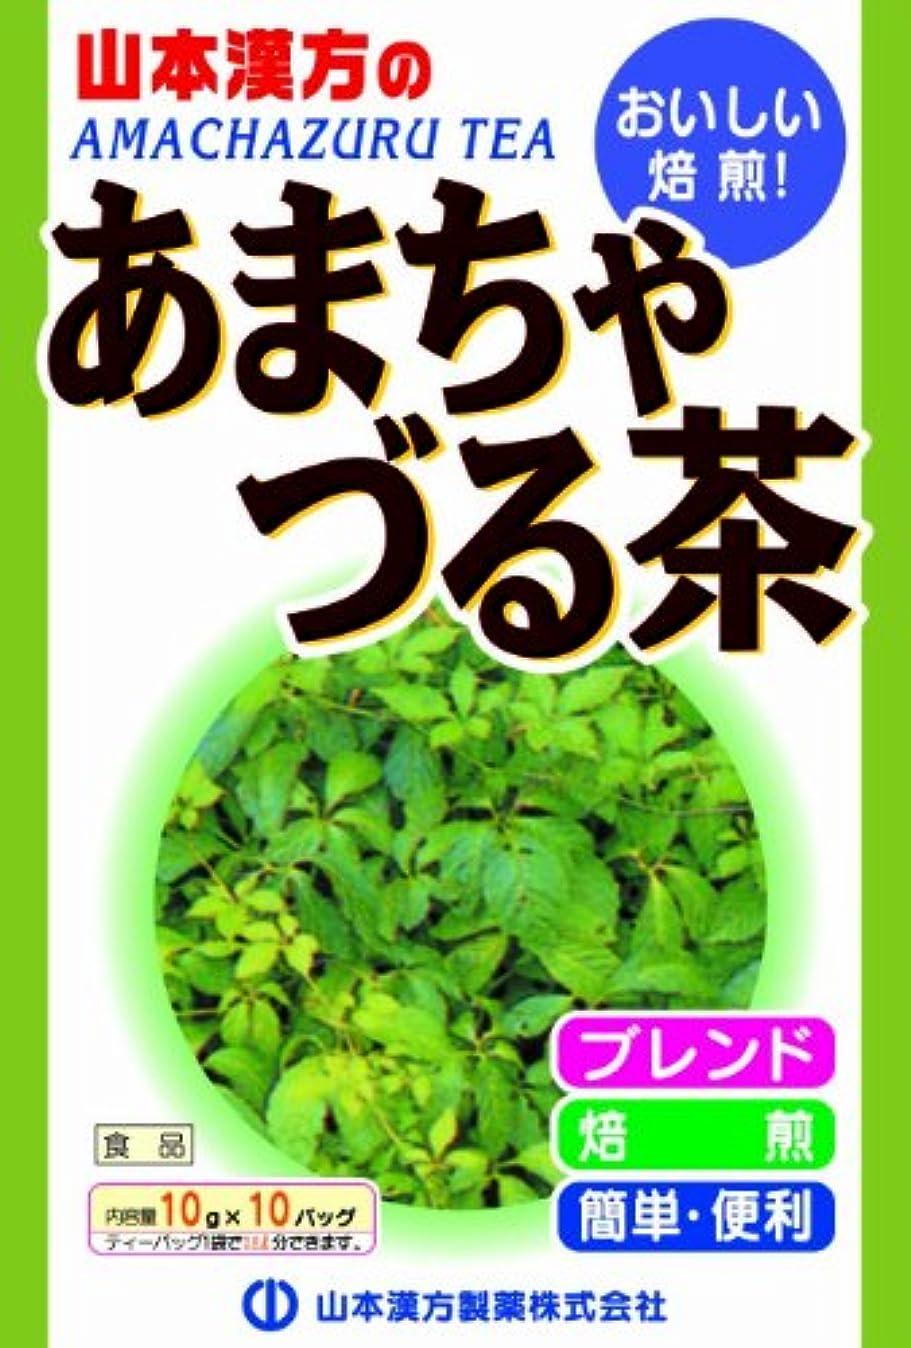 スーパーコードレス馬鹿げた山本漢方製薬 アマチャヅル茶 10gX10H